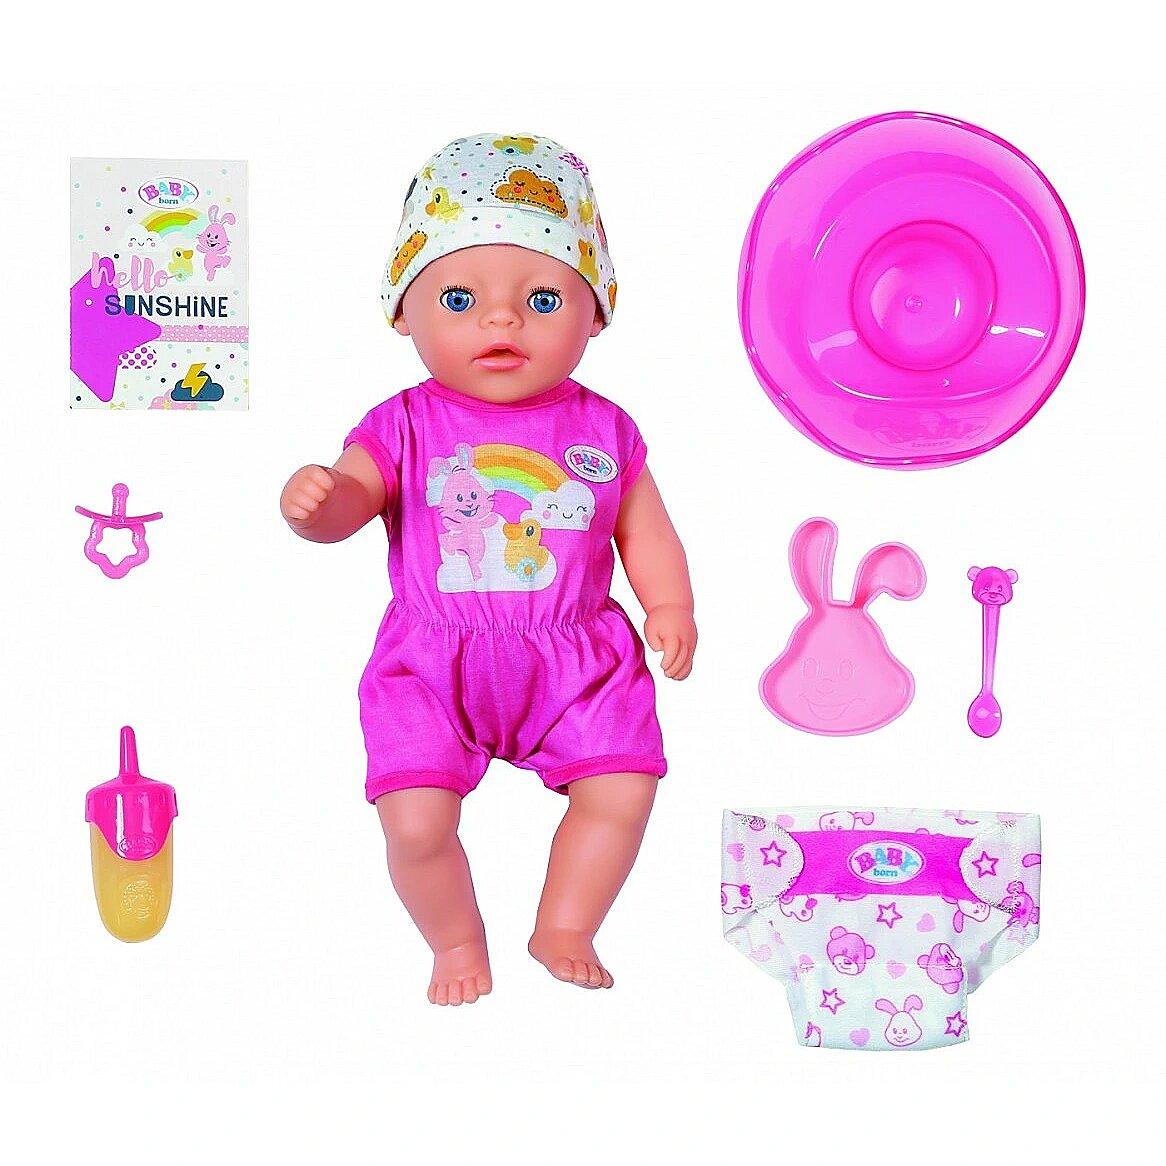 того, картинки для куклы беби бон вещи все картинки скальном останце